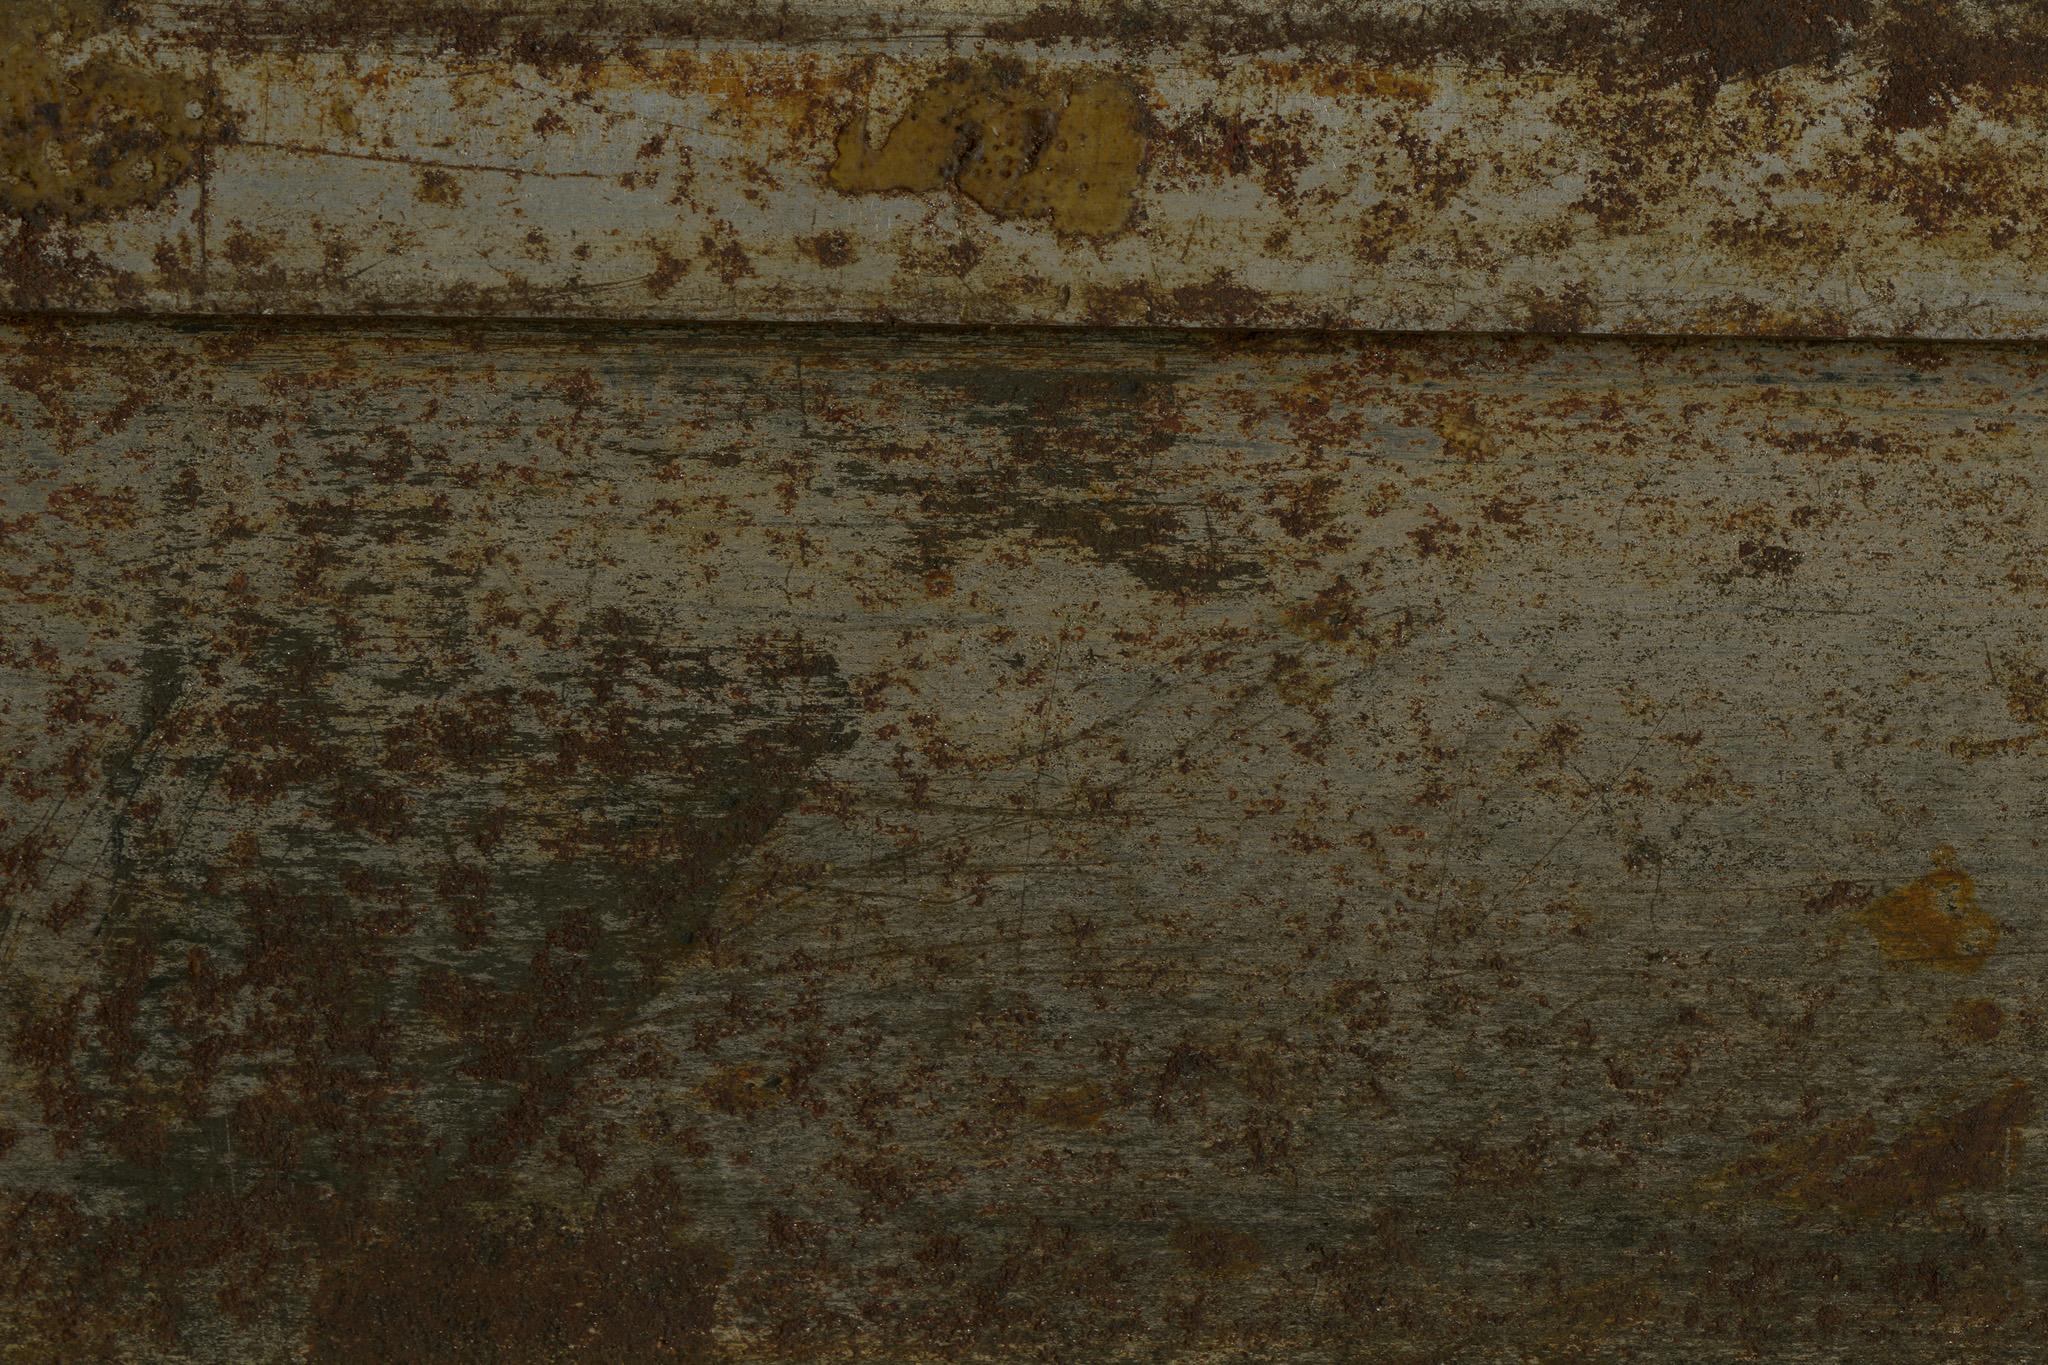 「茶色いサビと傷がある金属」の素材を無料ダウンロード